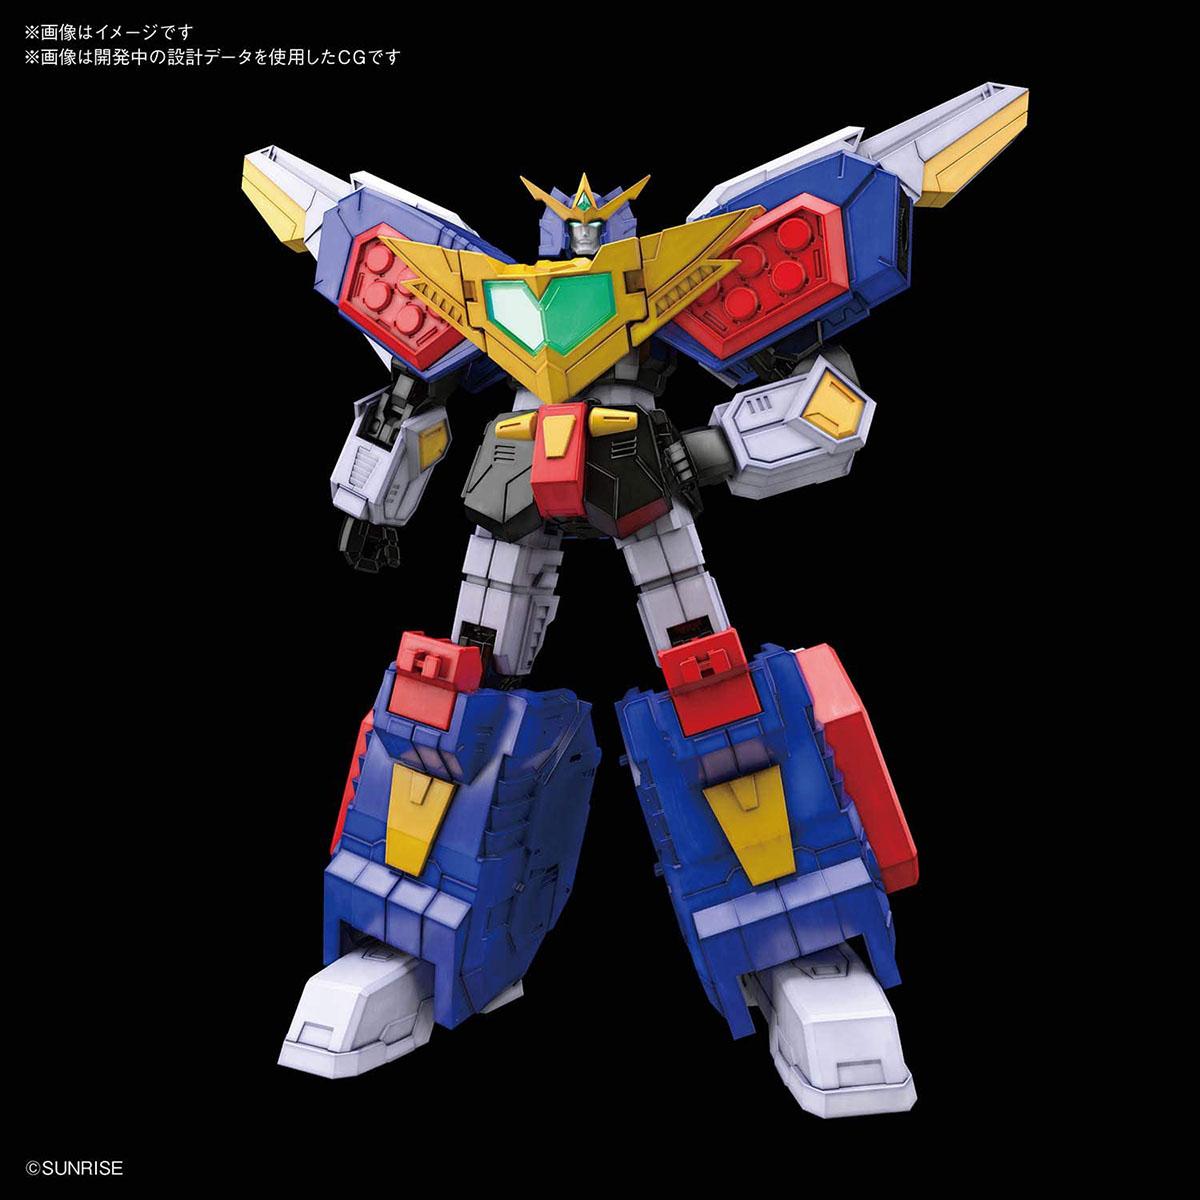 【再販】HG 1/300『グランザウラー』熱血最強ゴウザウラー プラモデル-002